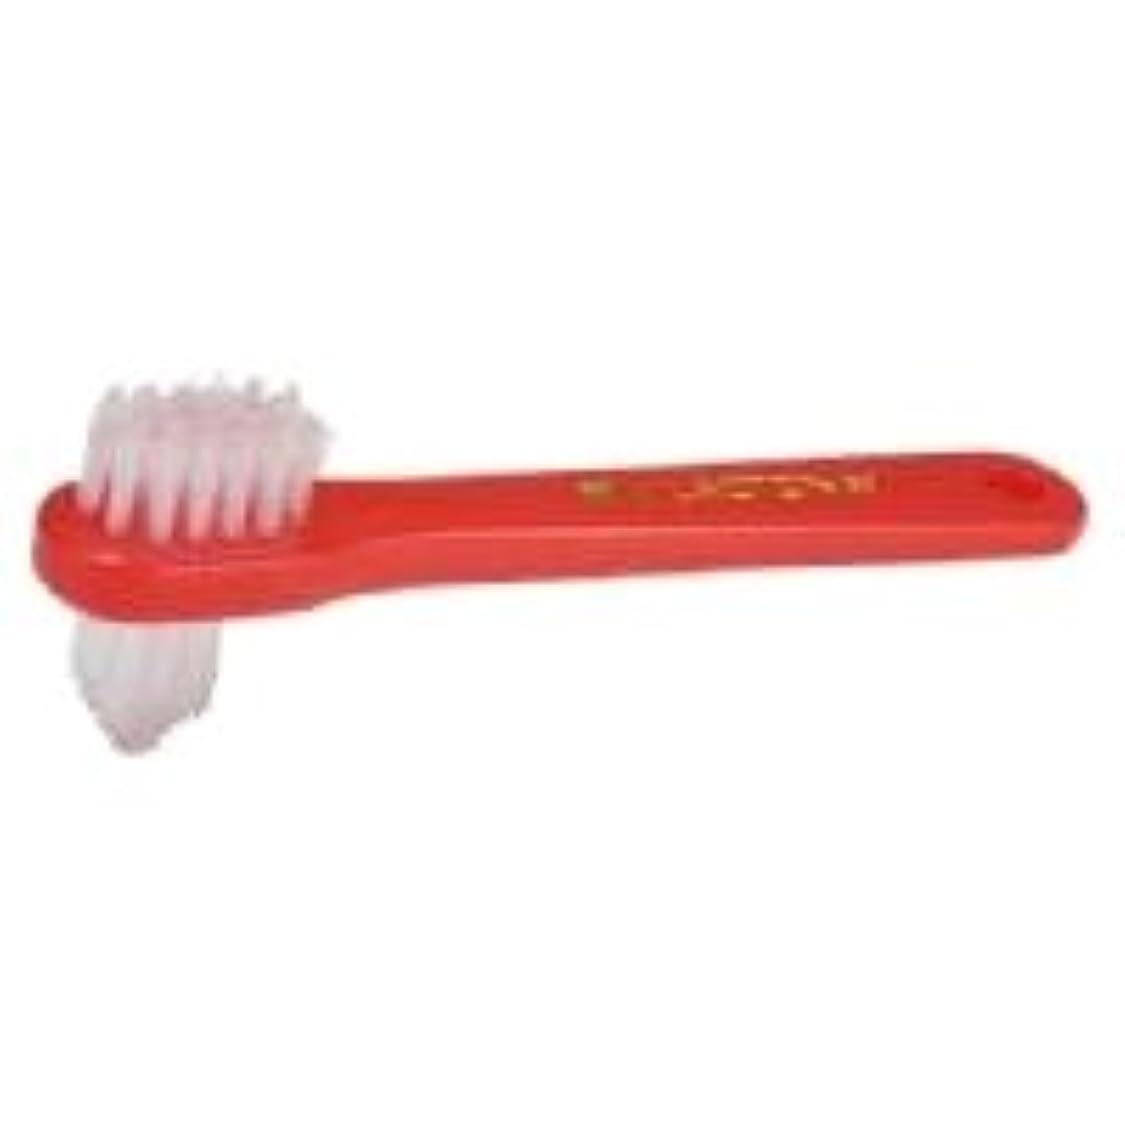 ペチコート村確実【ラクトナ】【歯科用】ラクトナ歯ブラシ #500 M 1本【義歯用ブラシ】